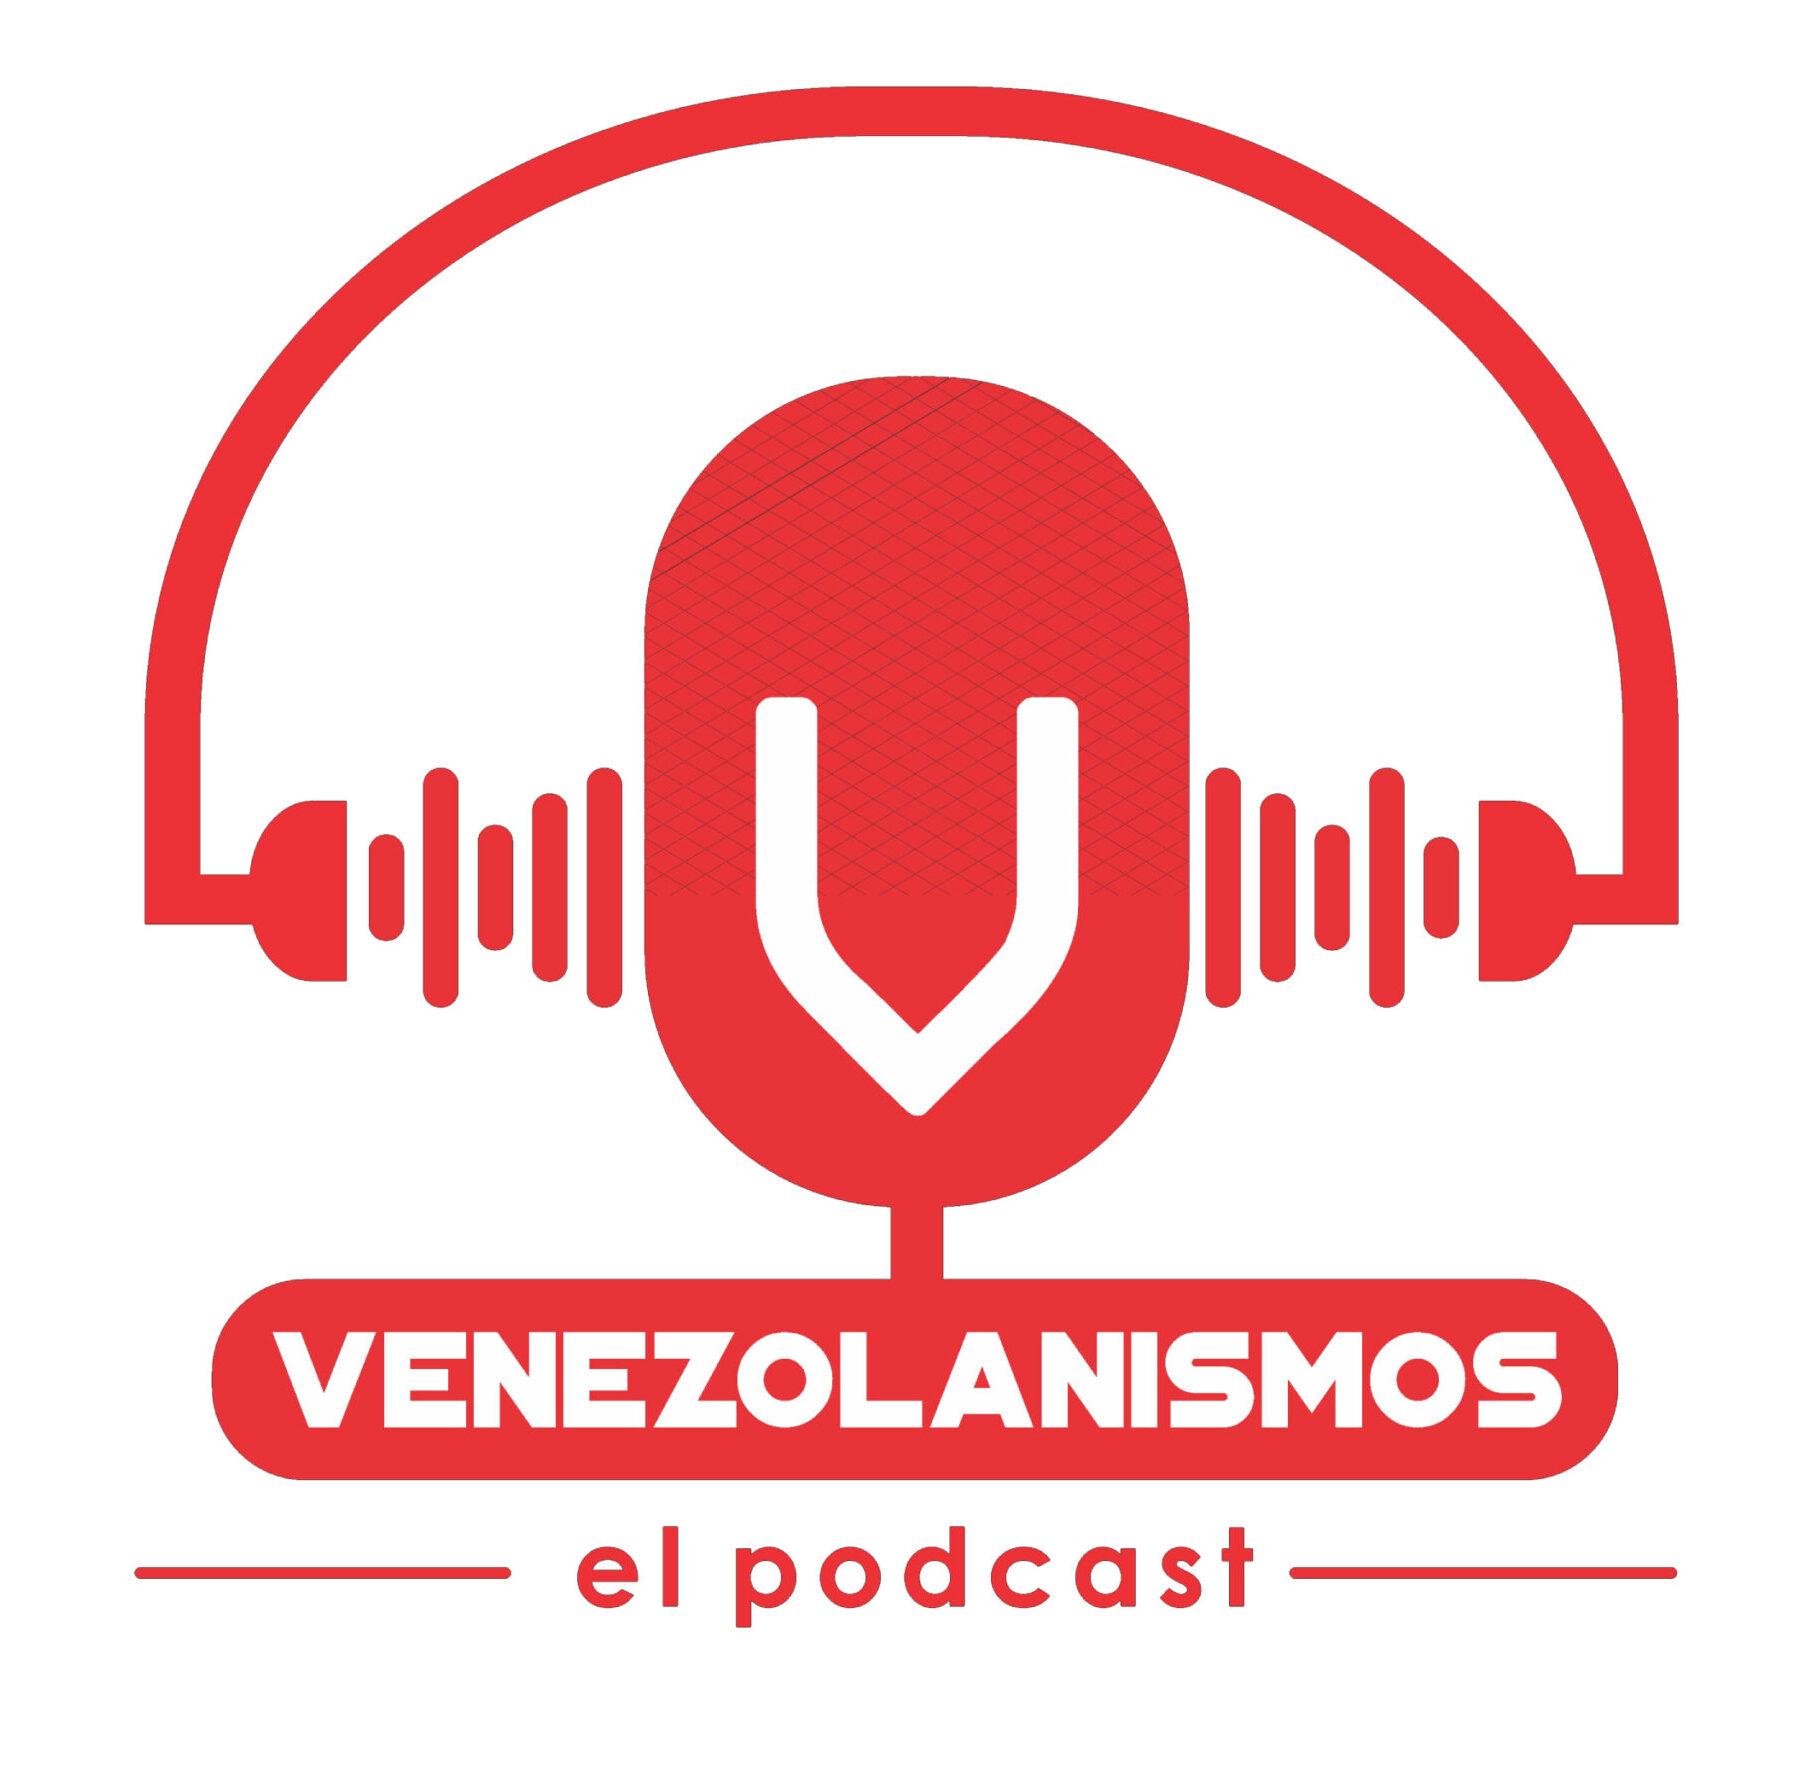 Venezolanismos